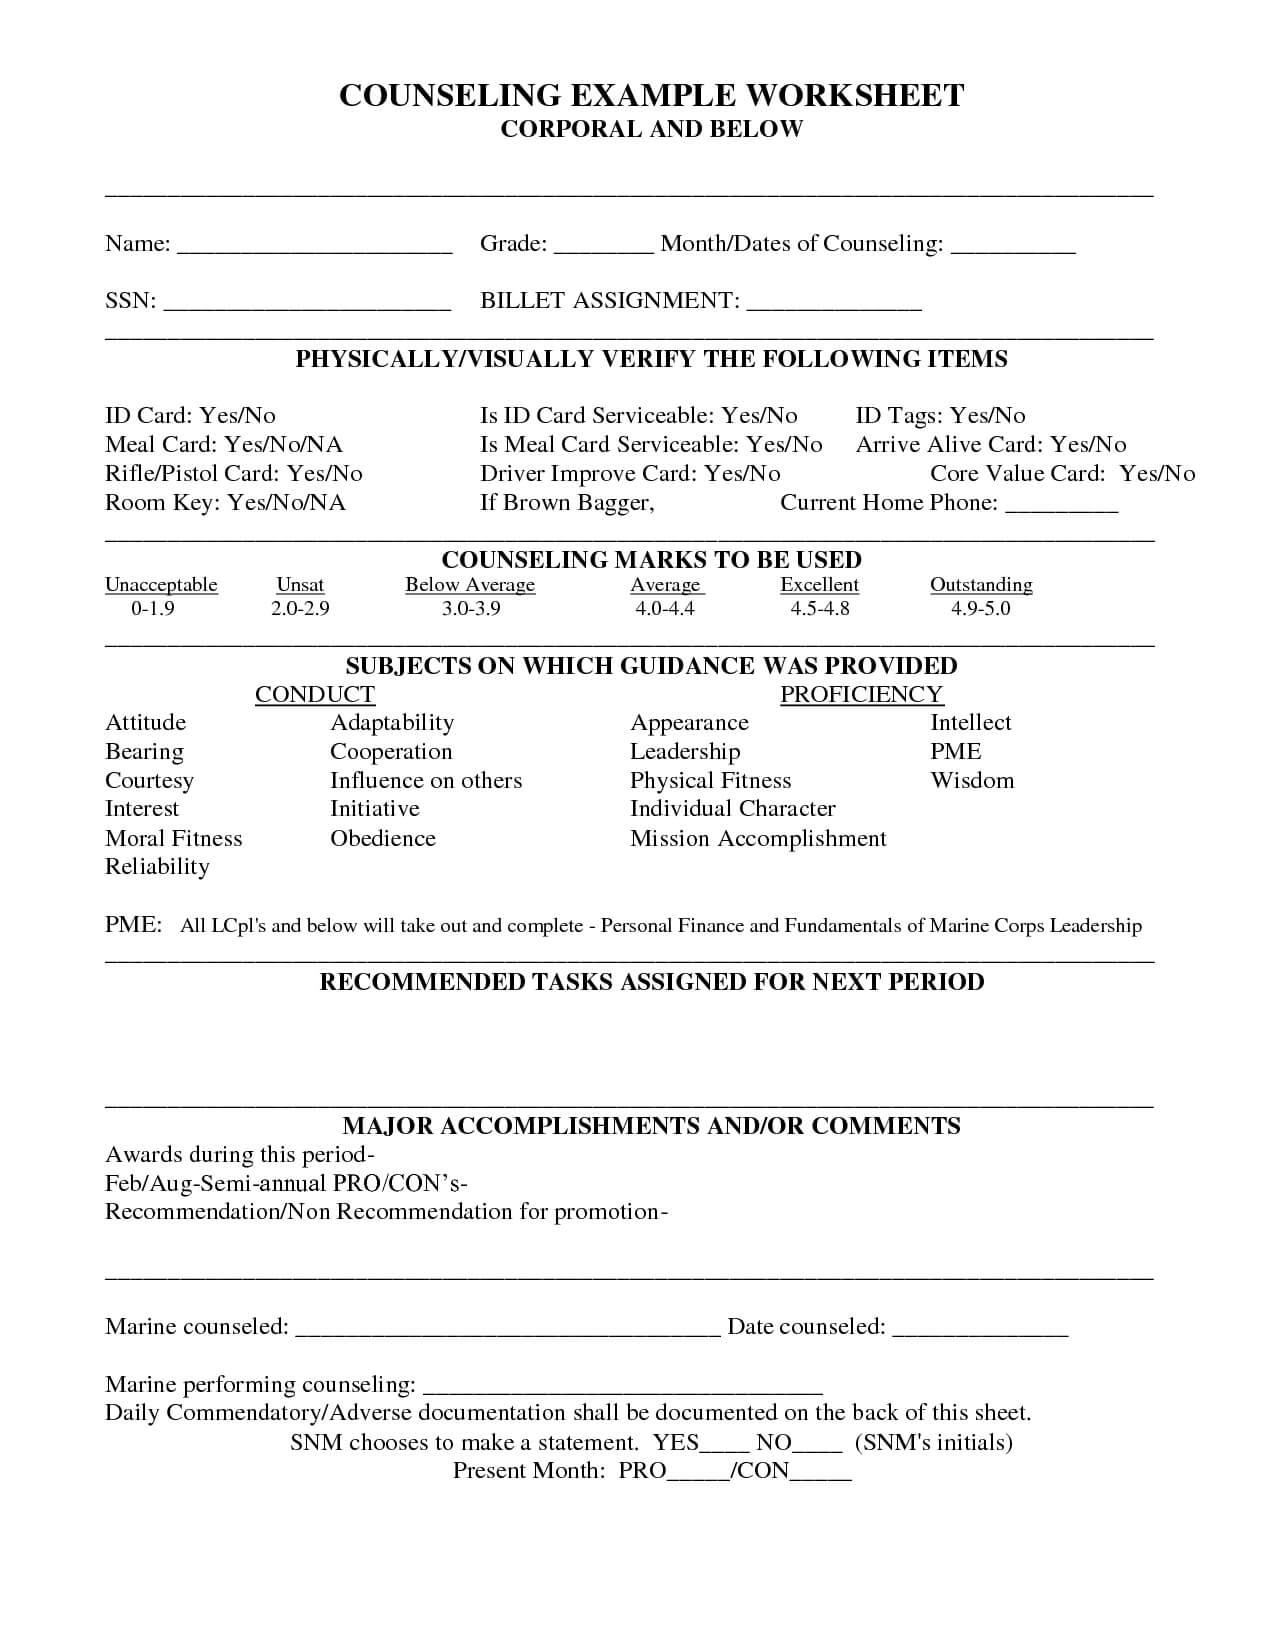 28+ [ Usmc Pro Con Worksheet ] | Usmc Pro Con Worksheet With Usmc Meal Card Template